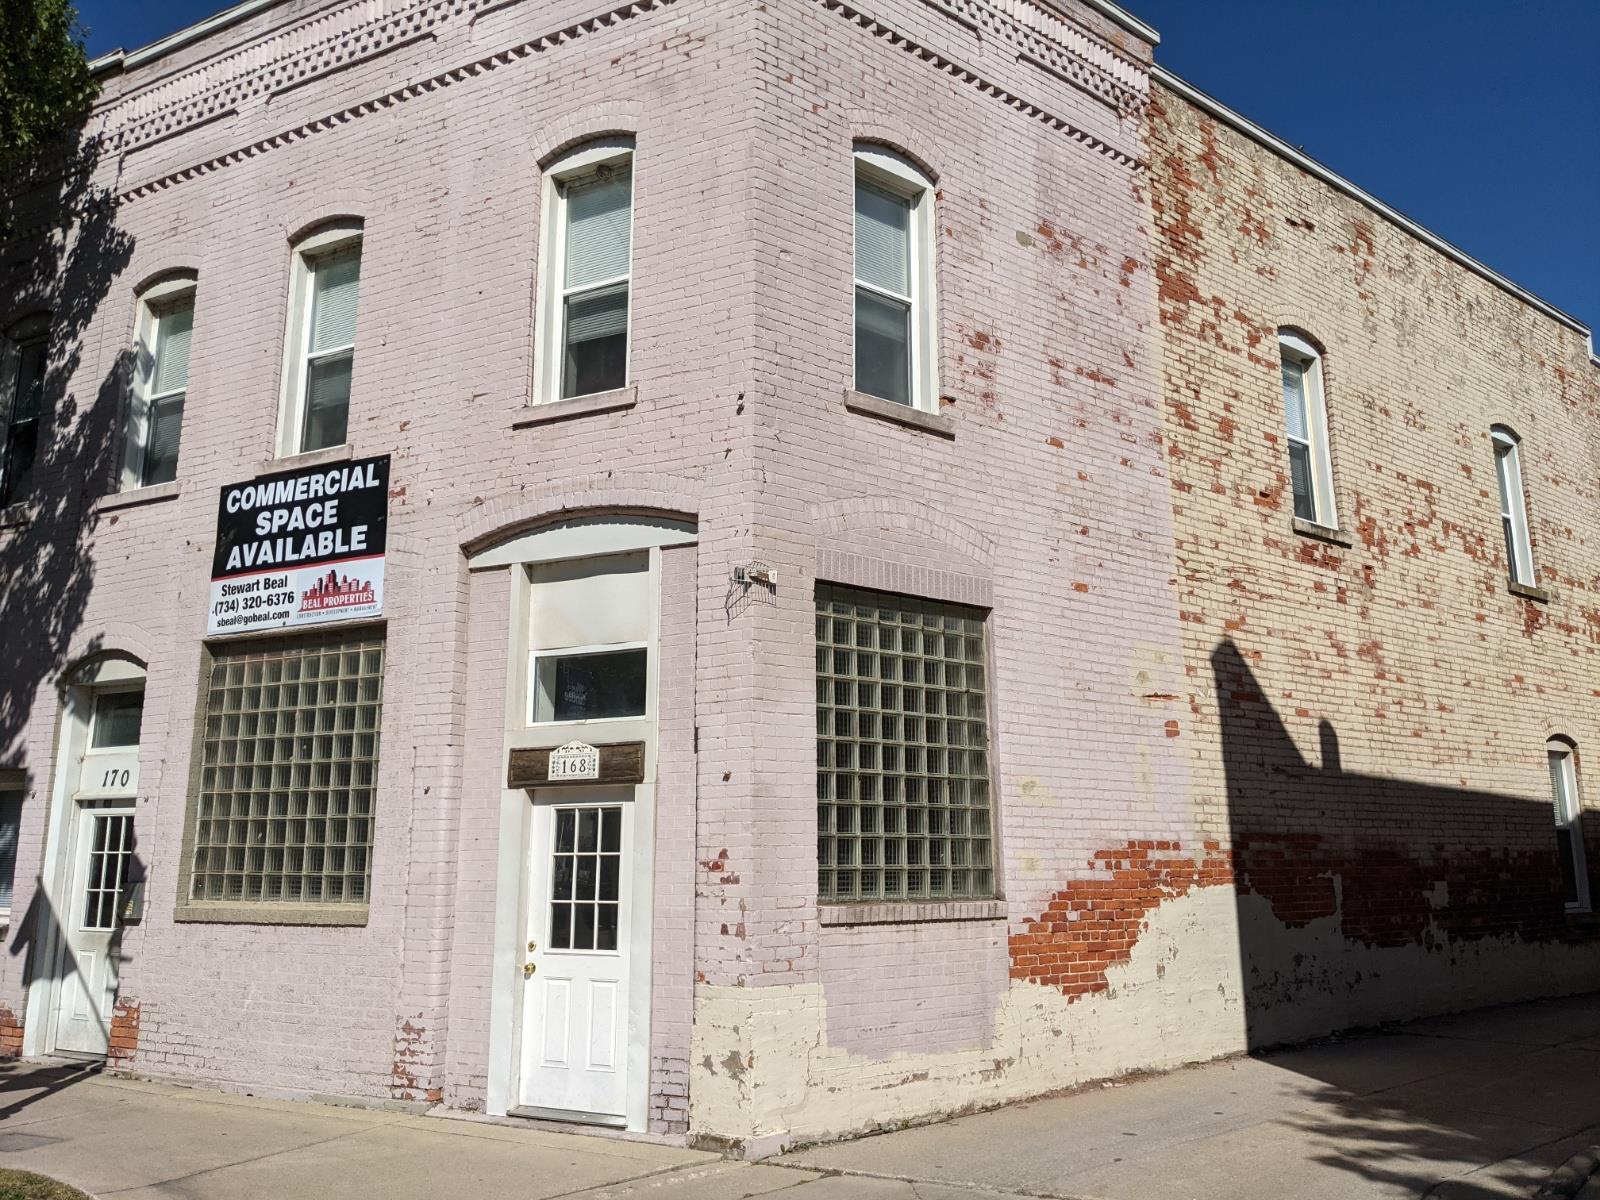 168 Riley St. Suite B Exterior